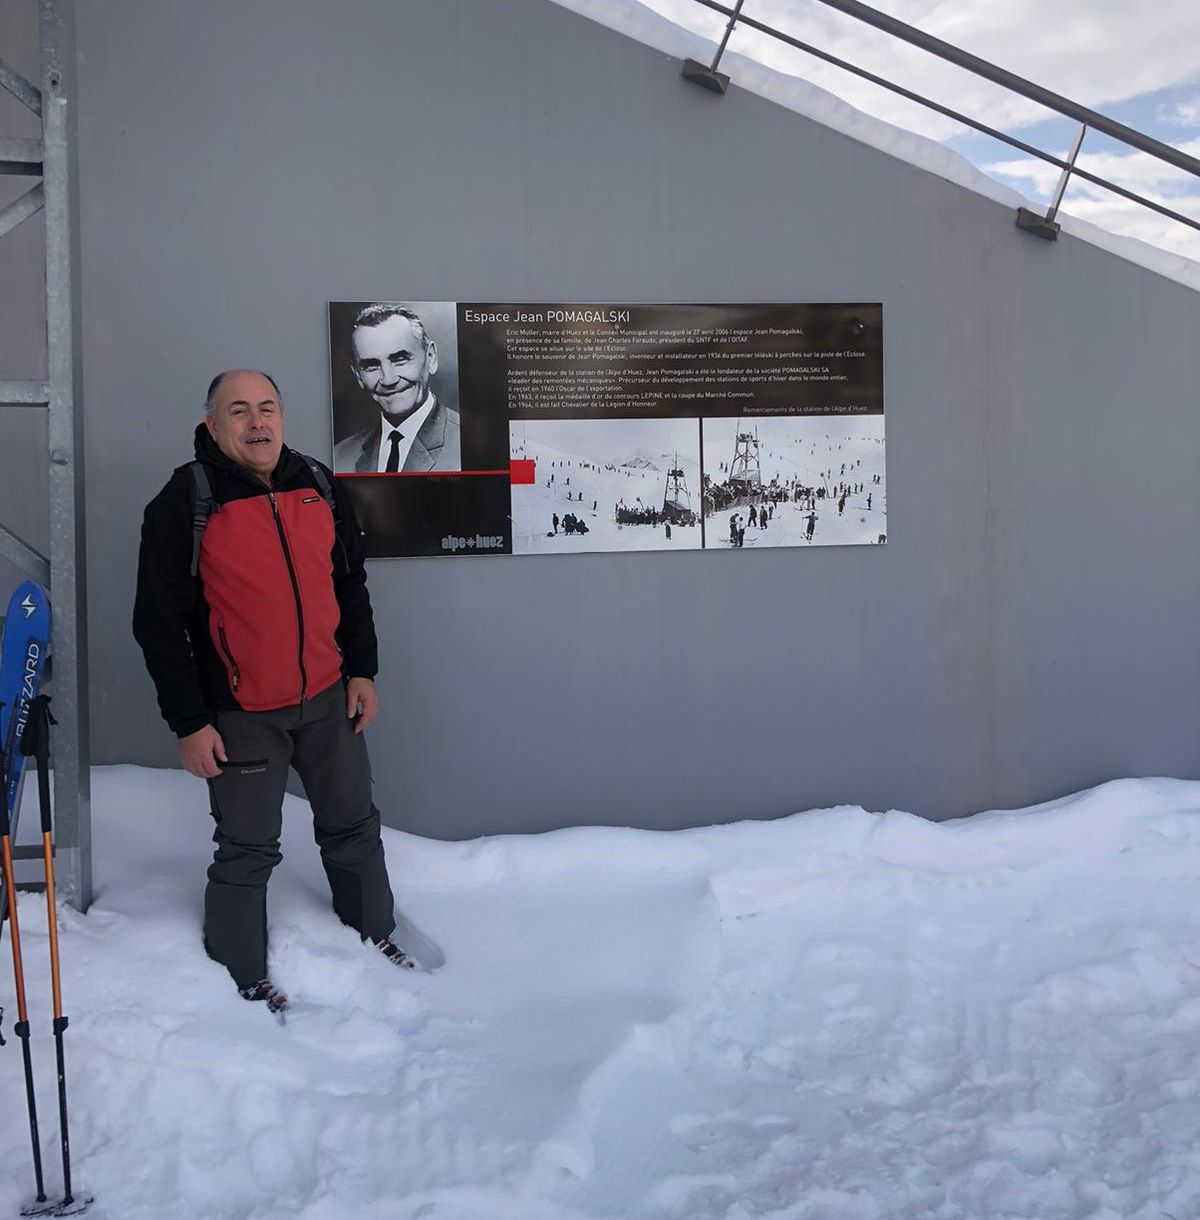 Espace Jean Pomagalski en Alpe d'Huez